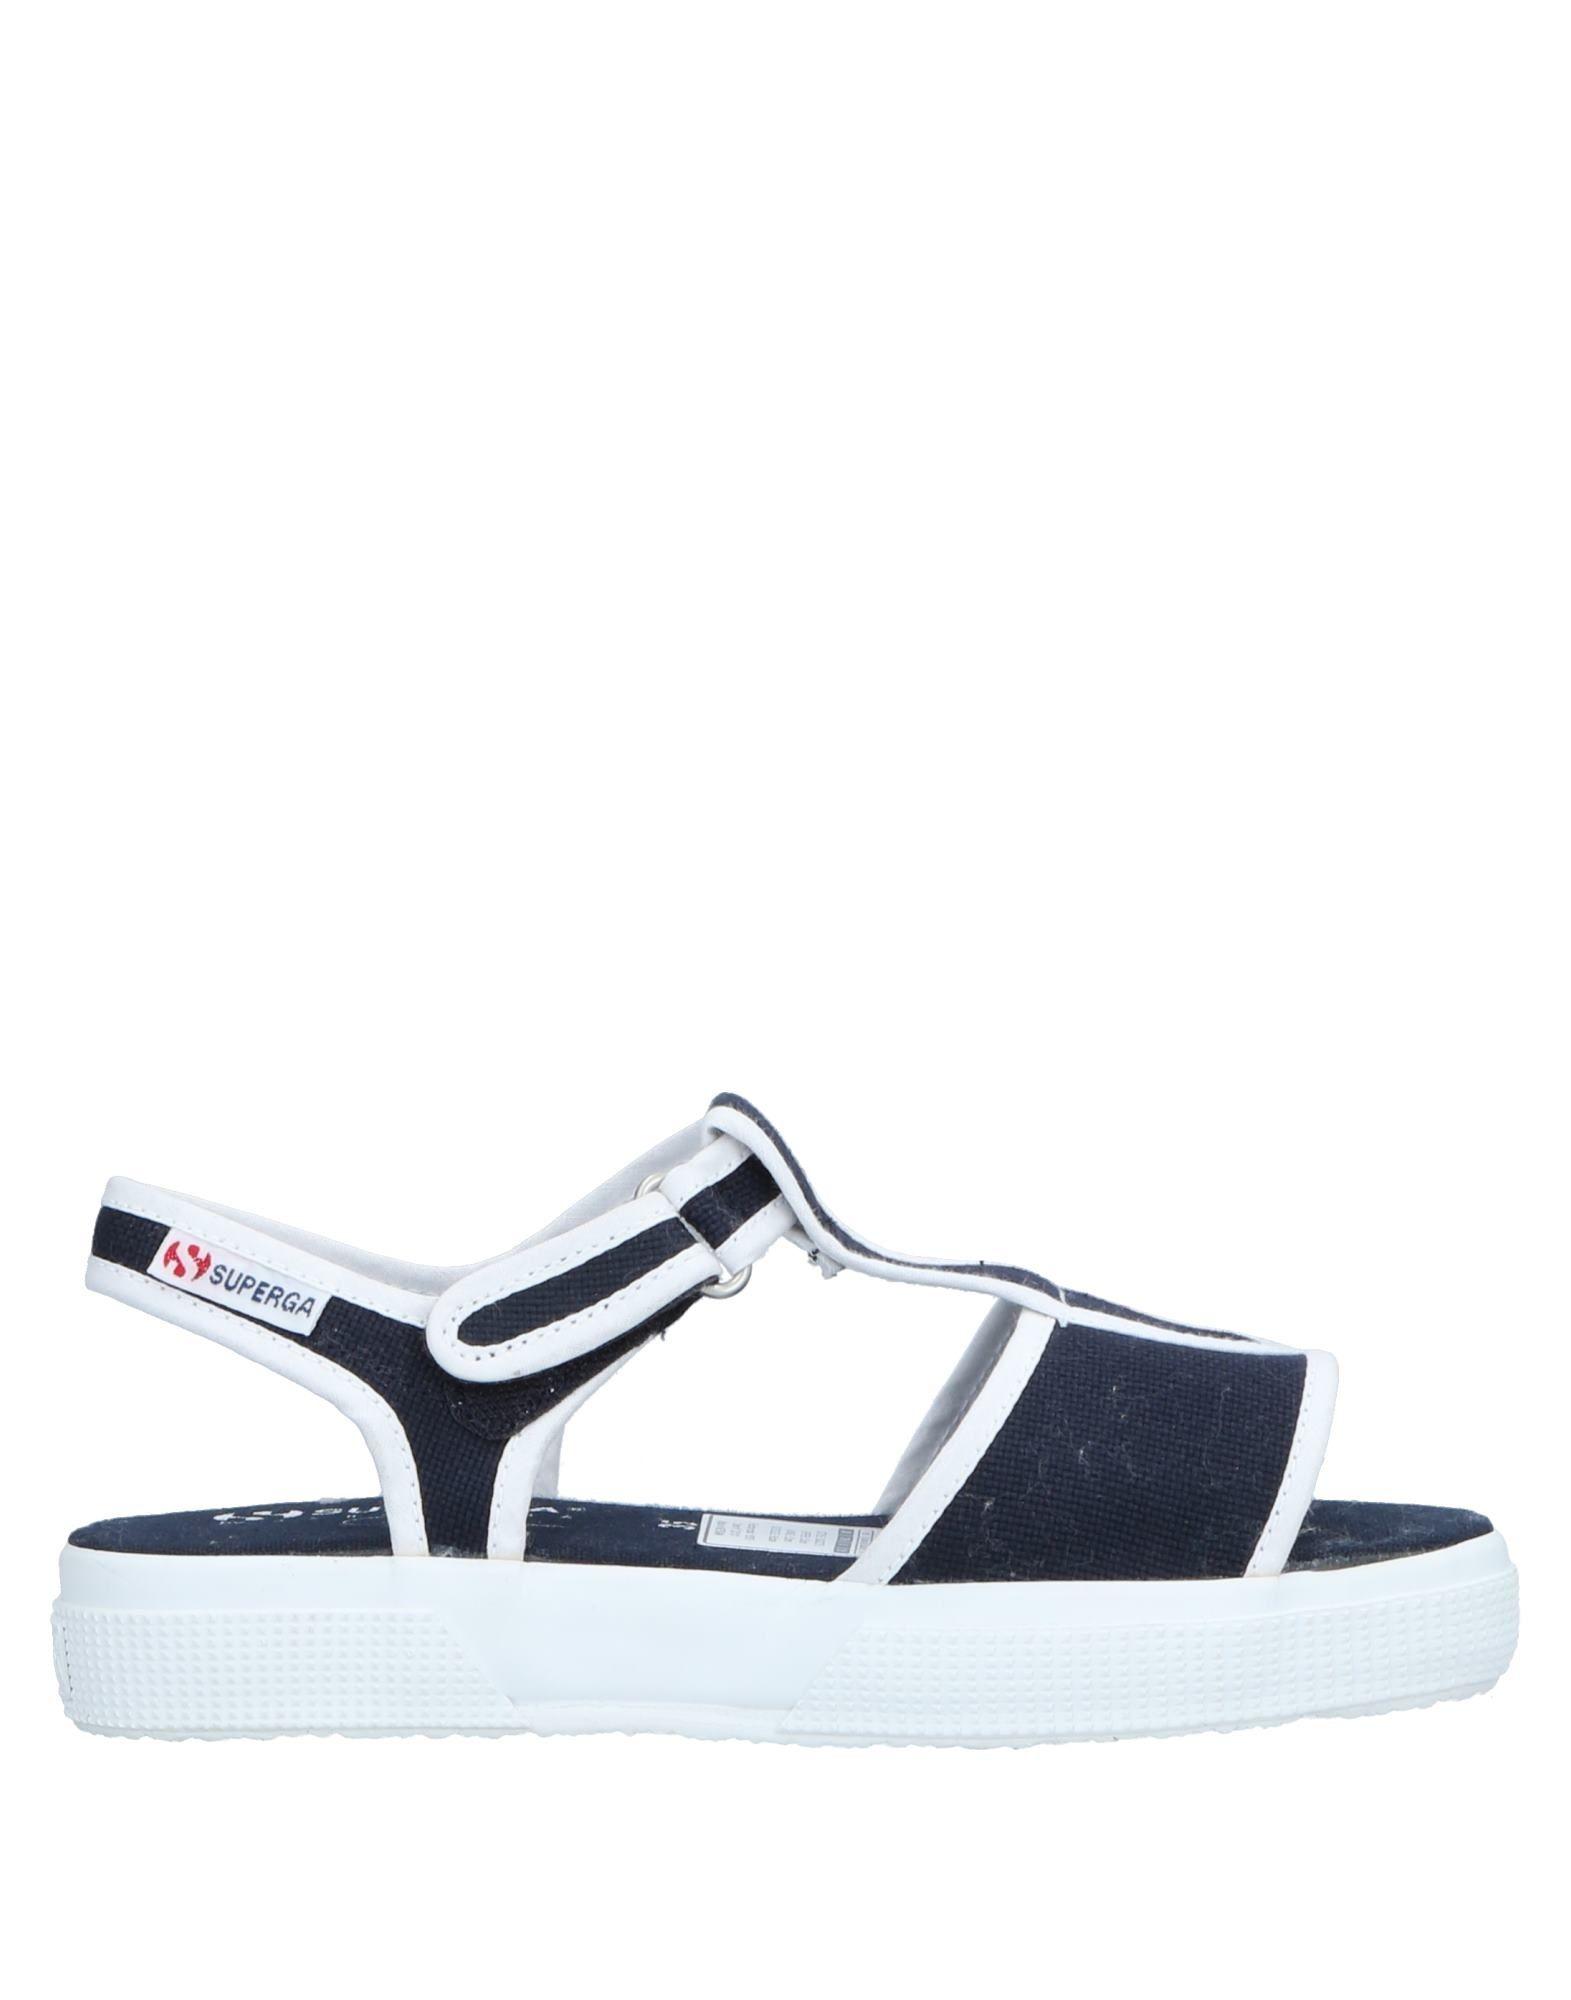 SUPERGA® Сандалии superga unisex 2750 cotu classic sneaker